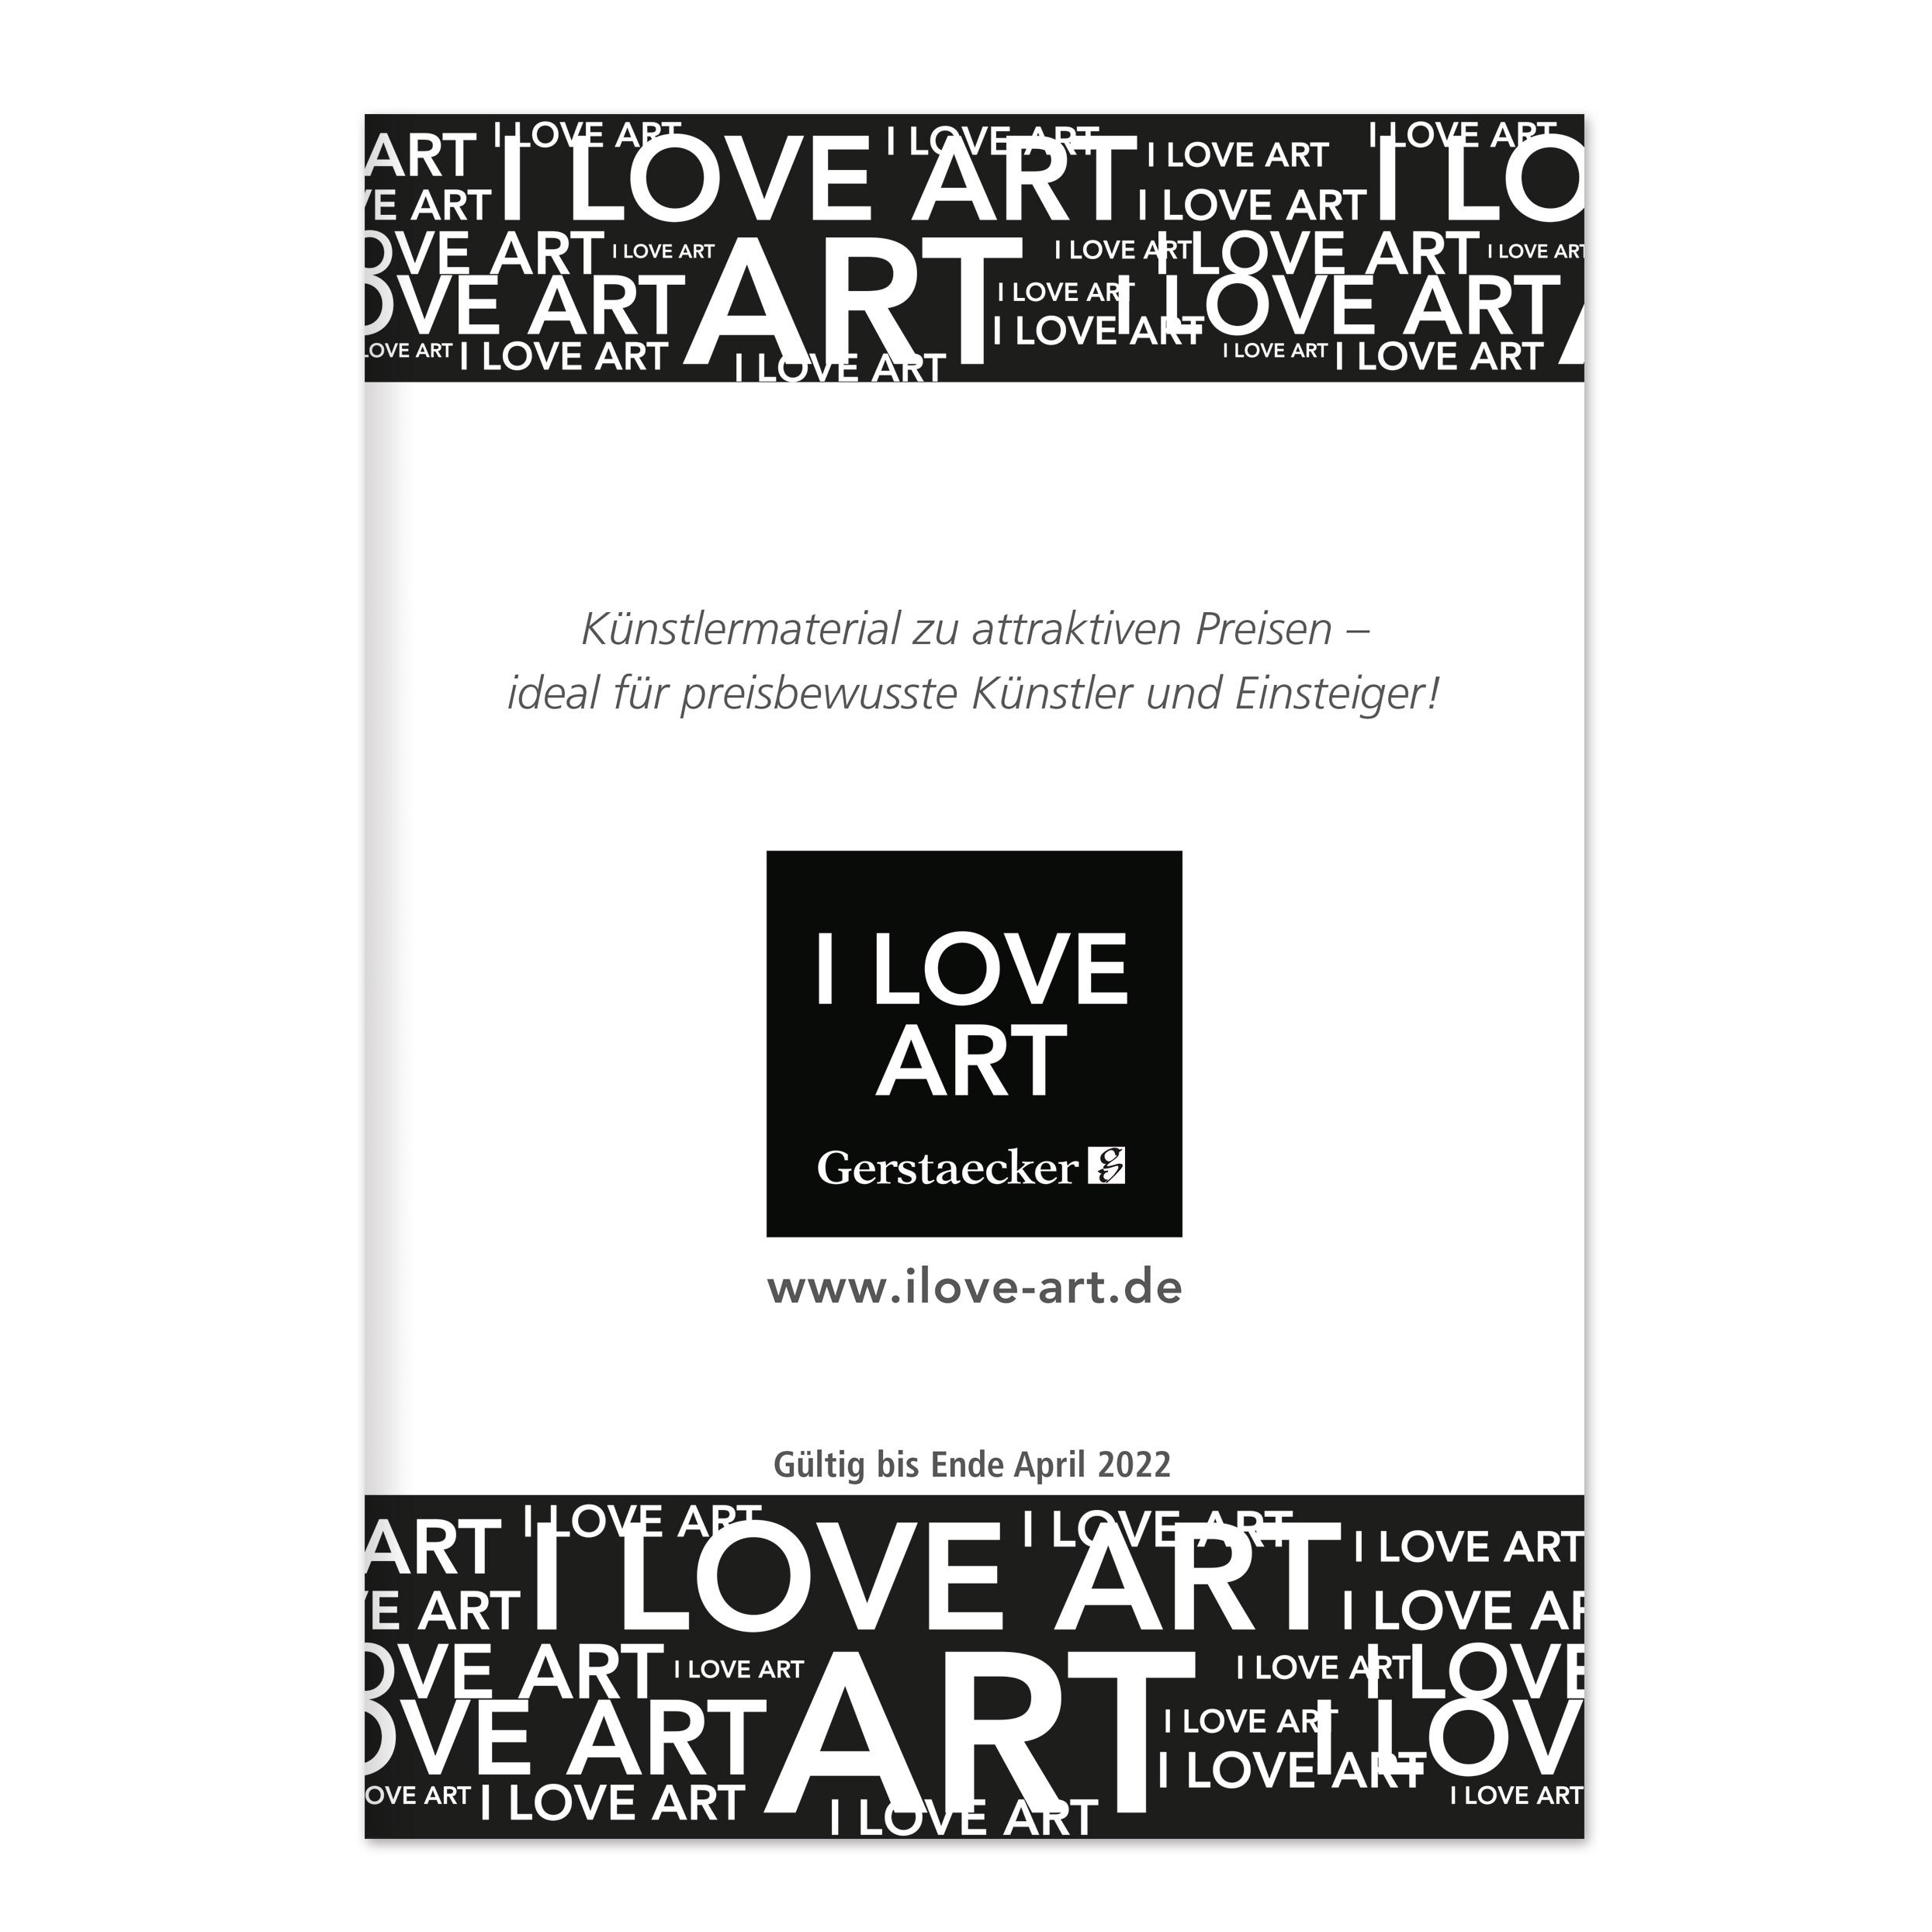 I LOVE ART Broschüre 2021 - jetzt bestellen!